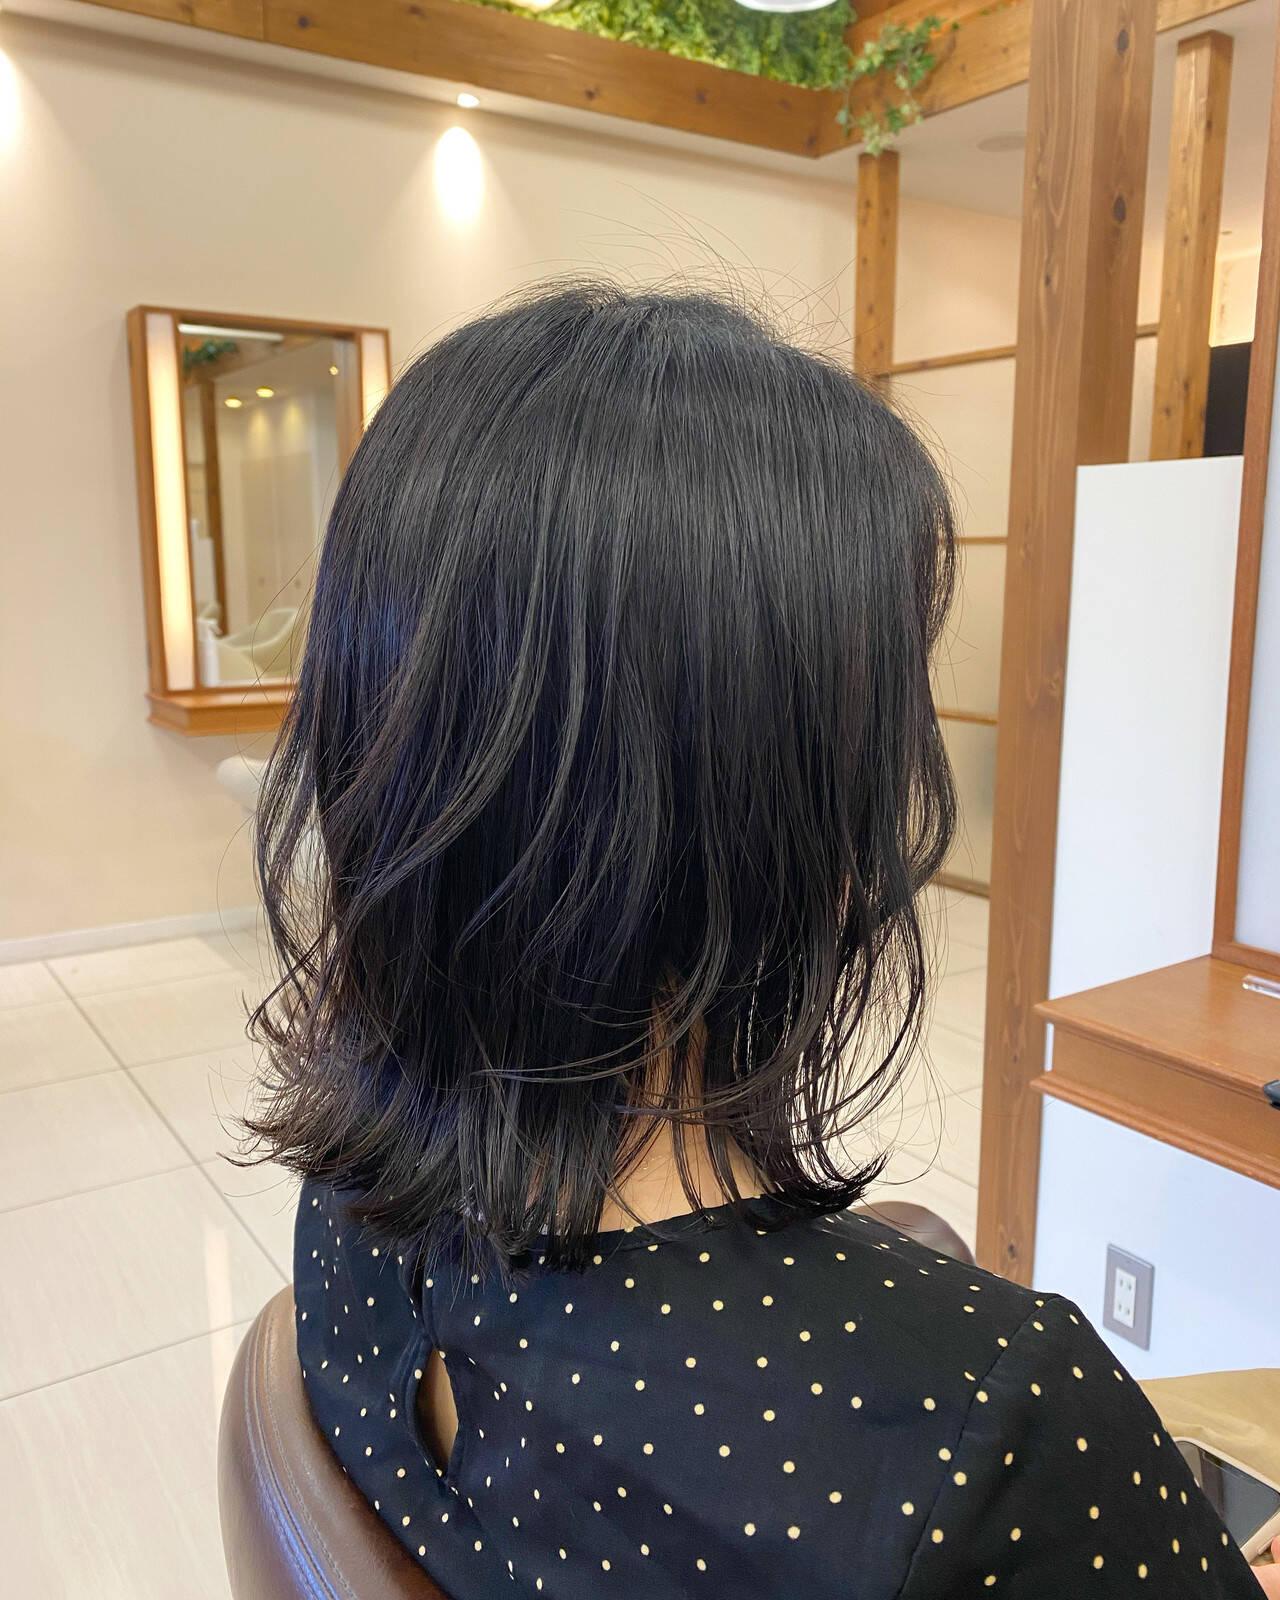 モテボブ 韓国風ヘアー ミディアム ミディアムレイヤーヘアスタイルや髪型の写真・画像